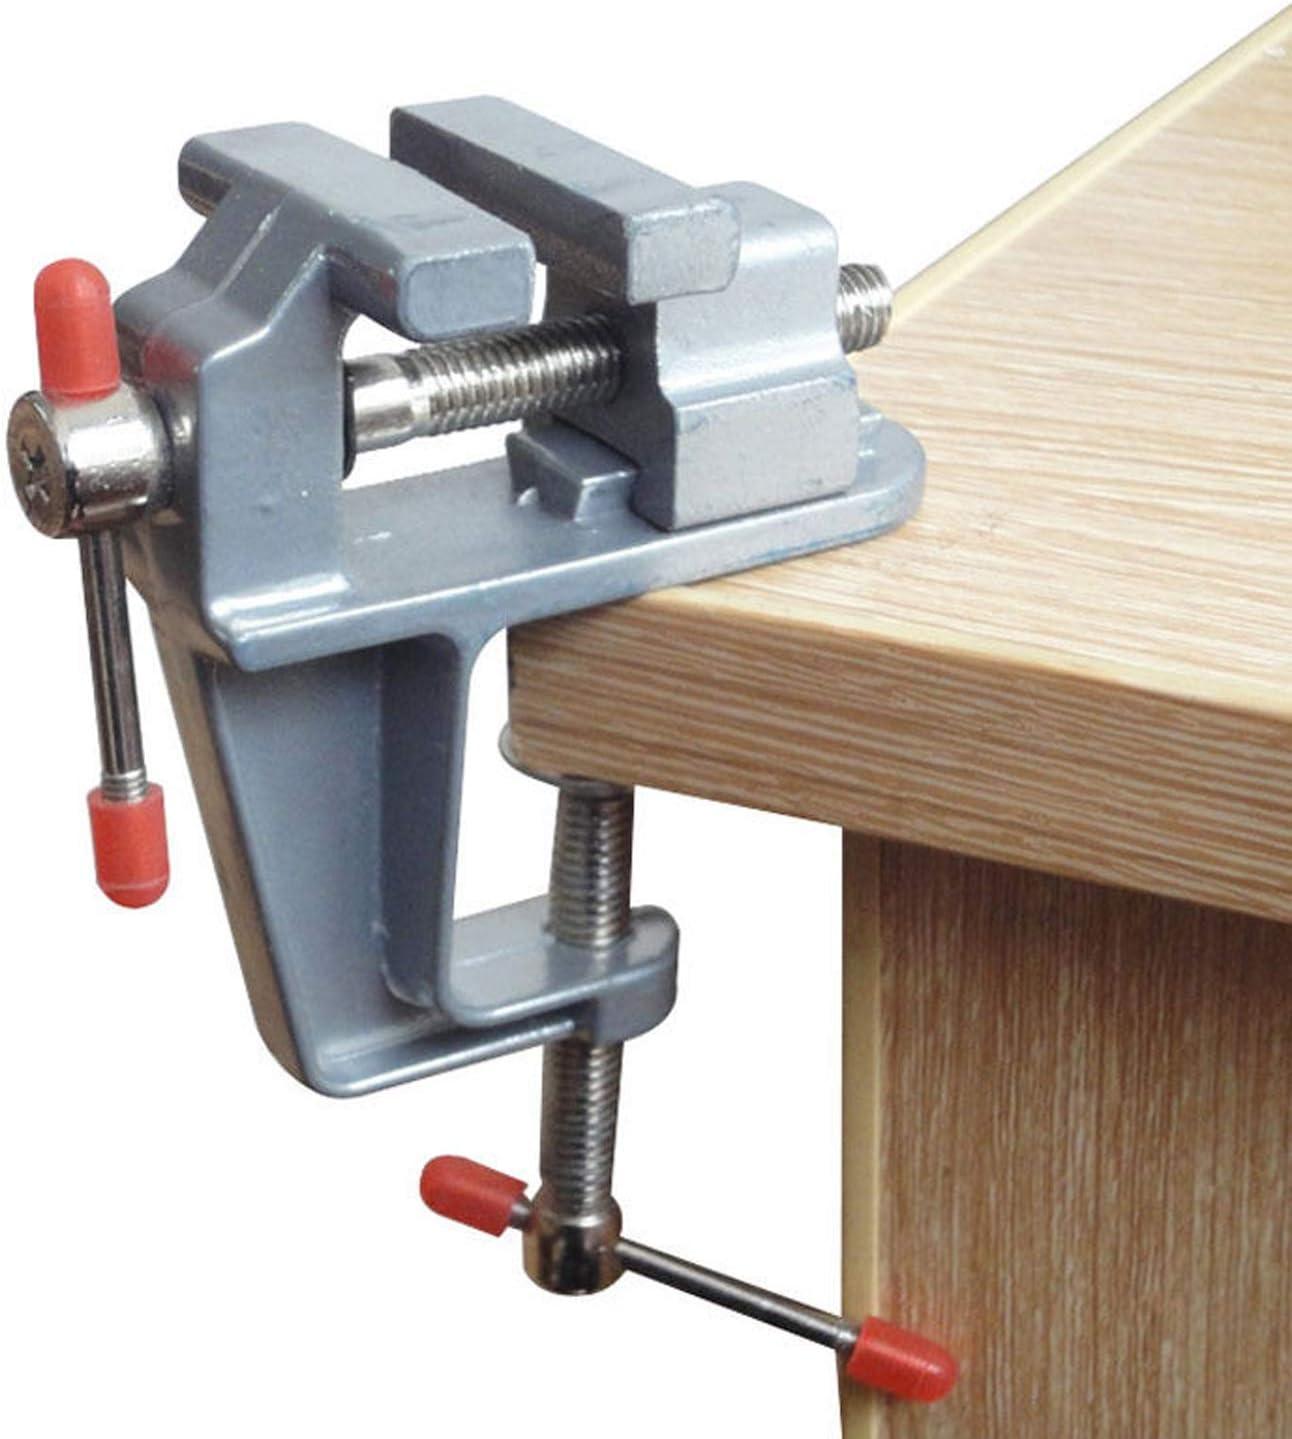 Amatt, verstellbarer Mini Schraubstock mit Klemme für Tischbank, Hobby